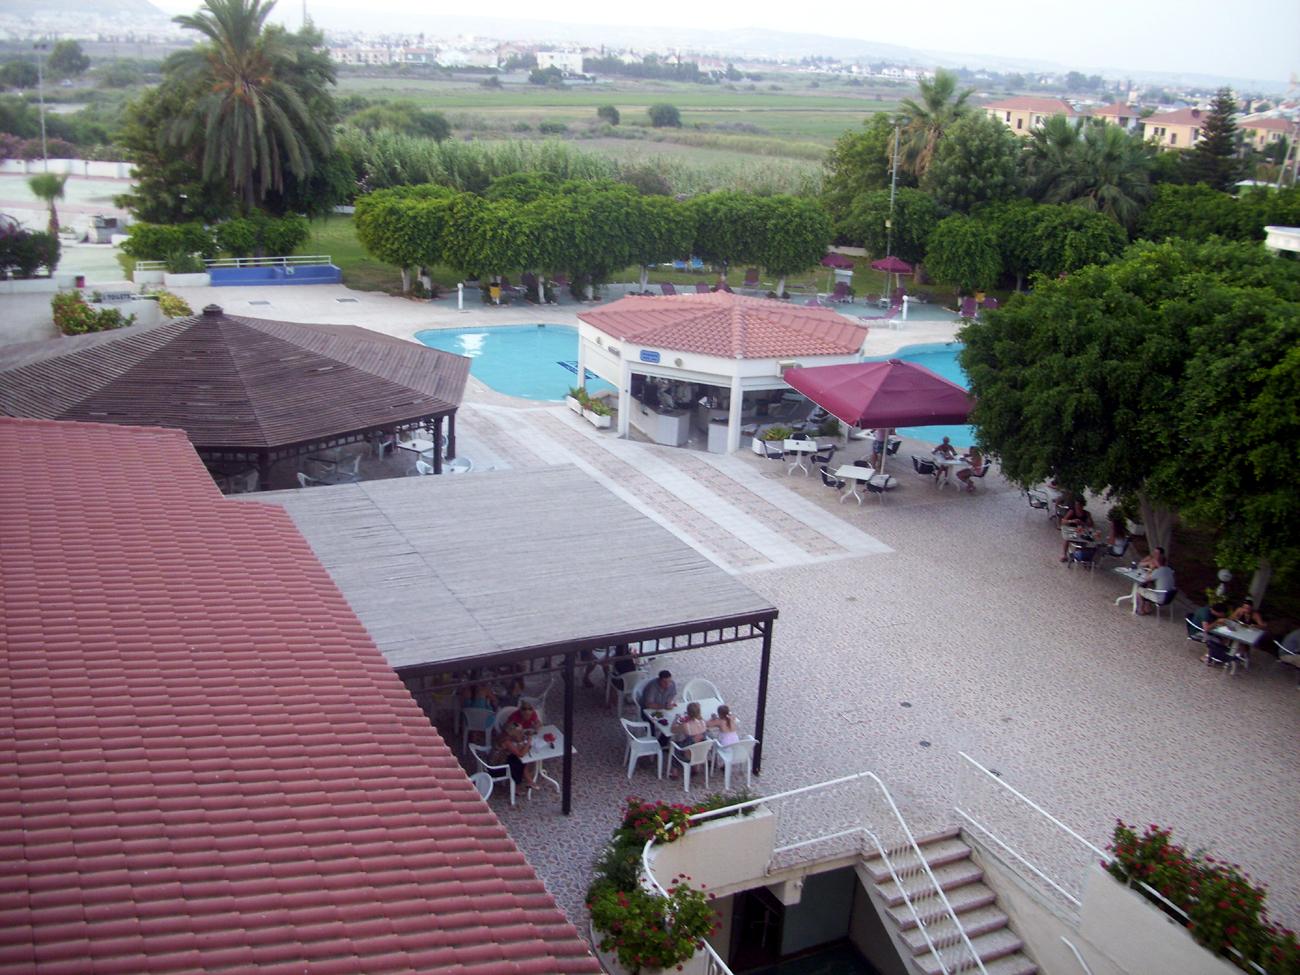 снэк бар и бассейн